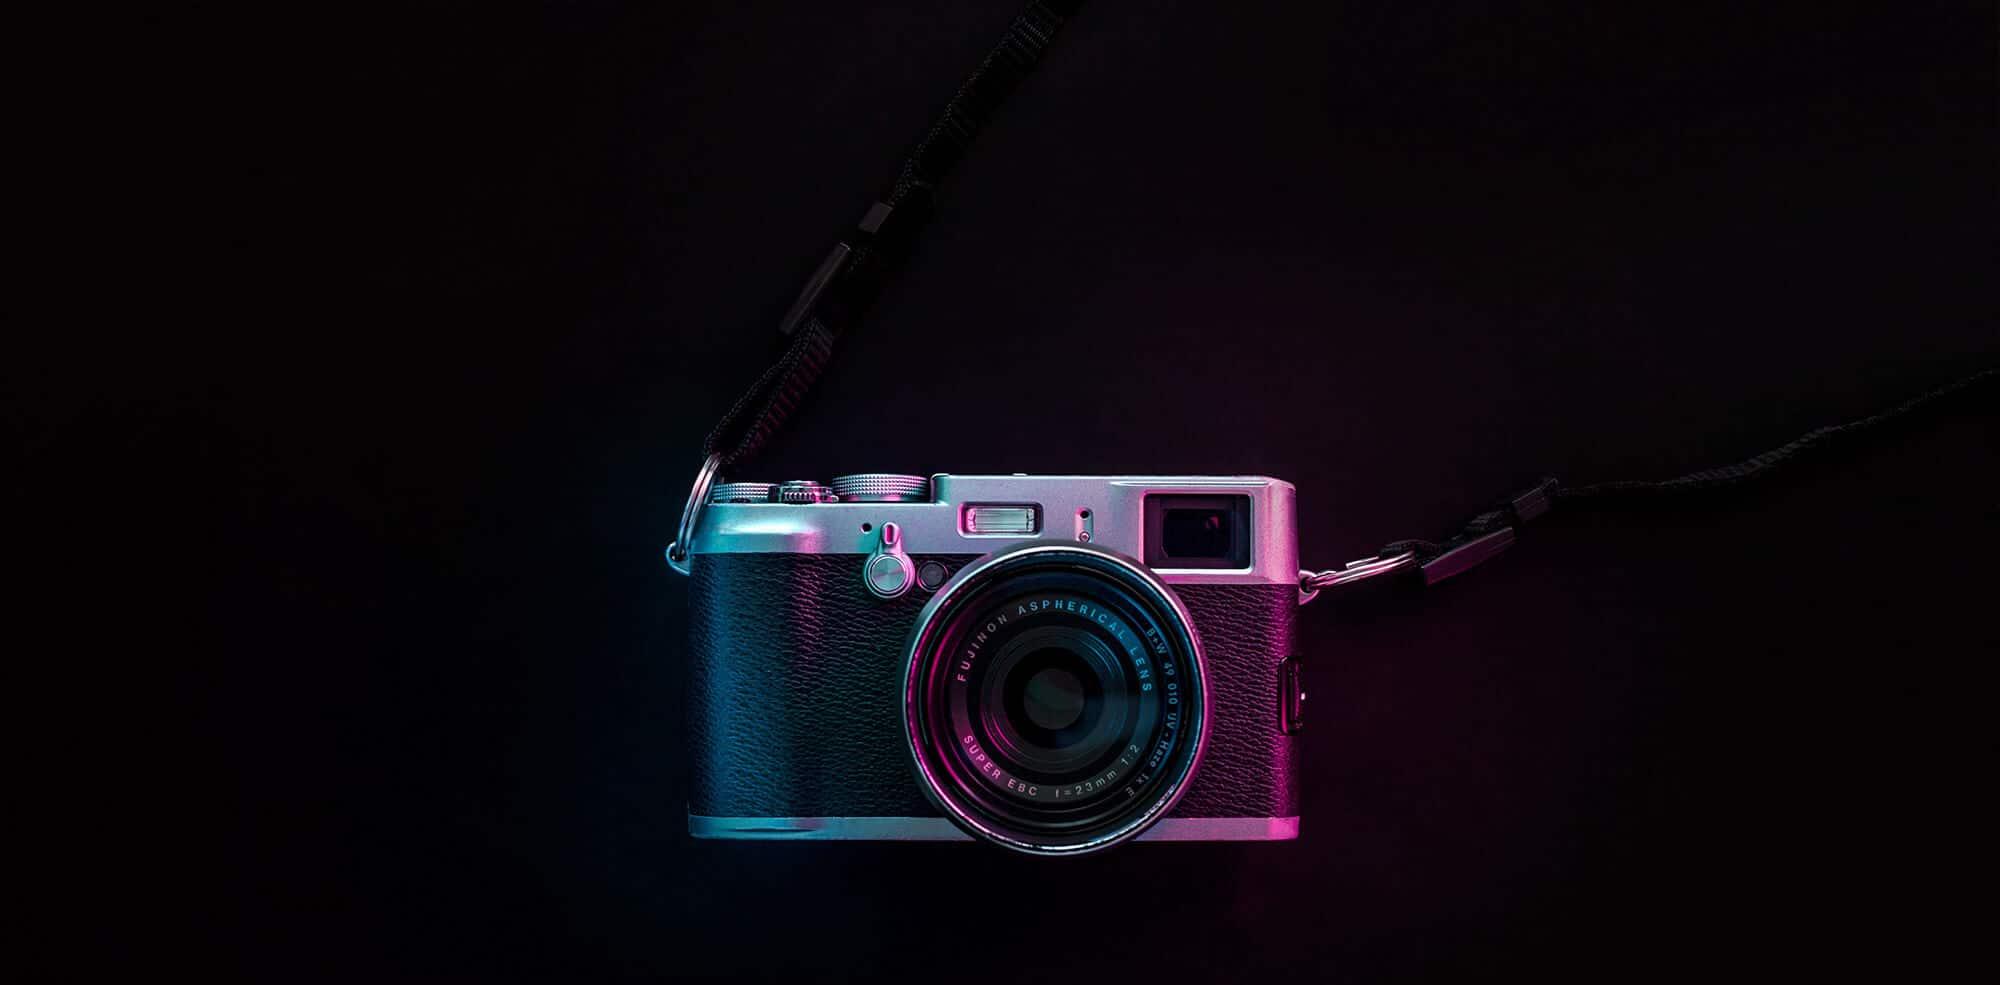 Las mejores cámaras compactas del mercado